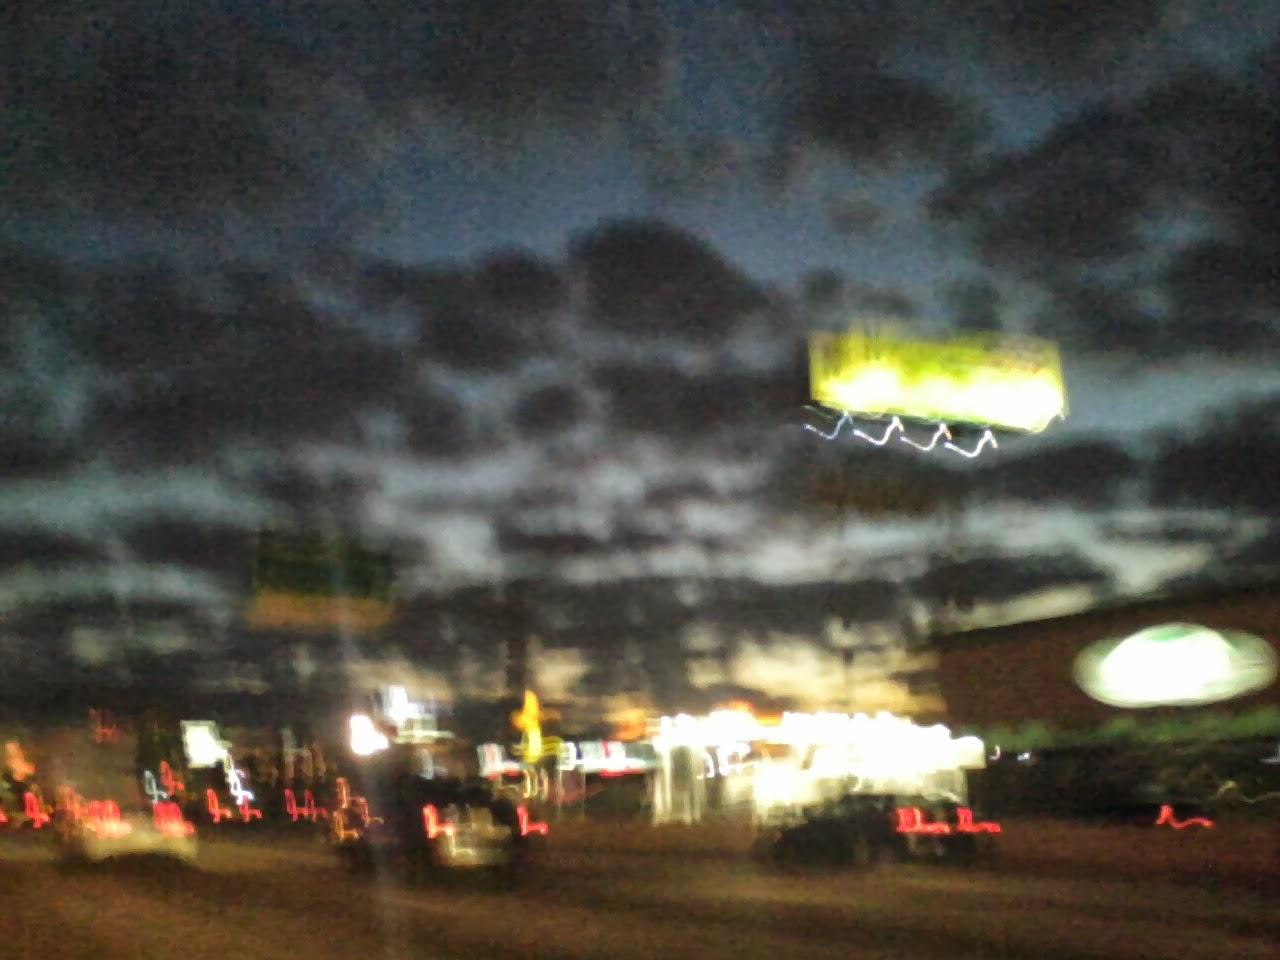 Sky - 1010065420.jpg